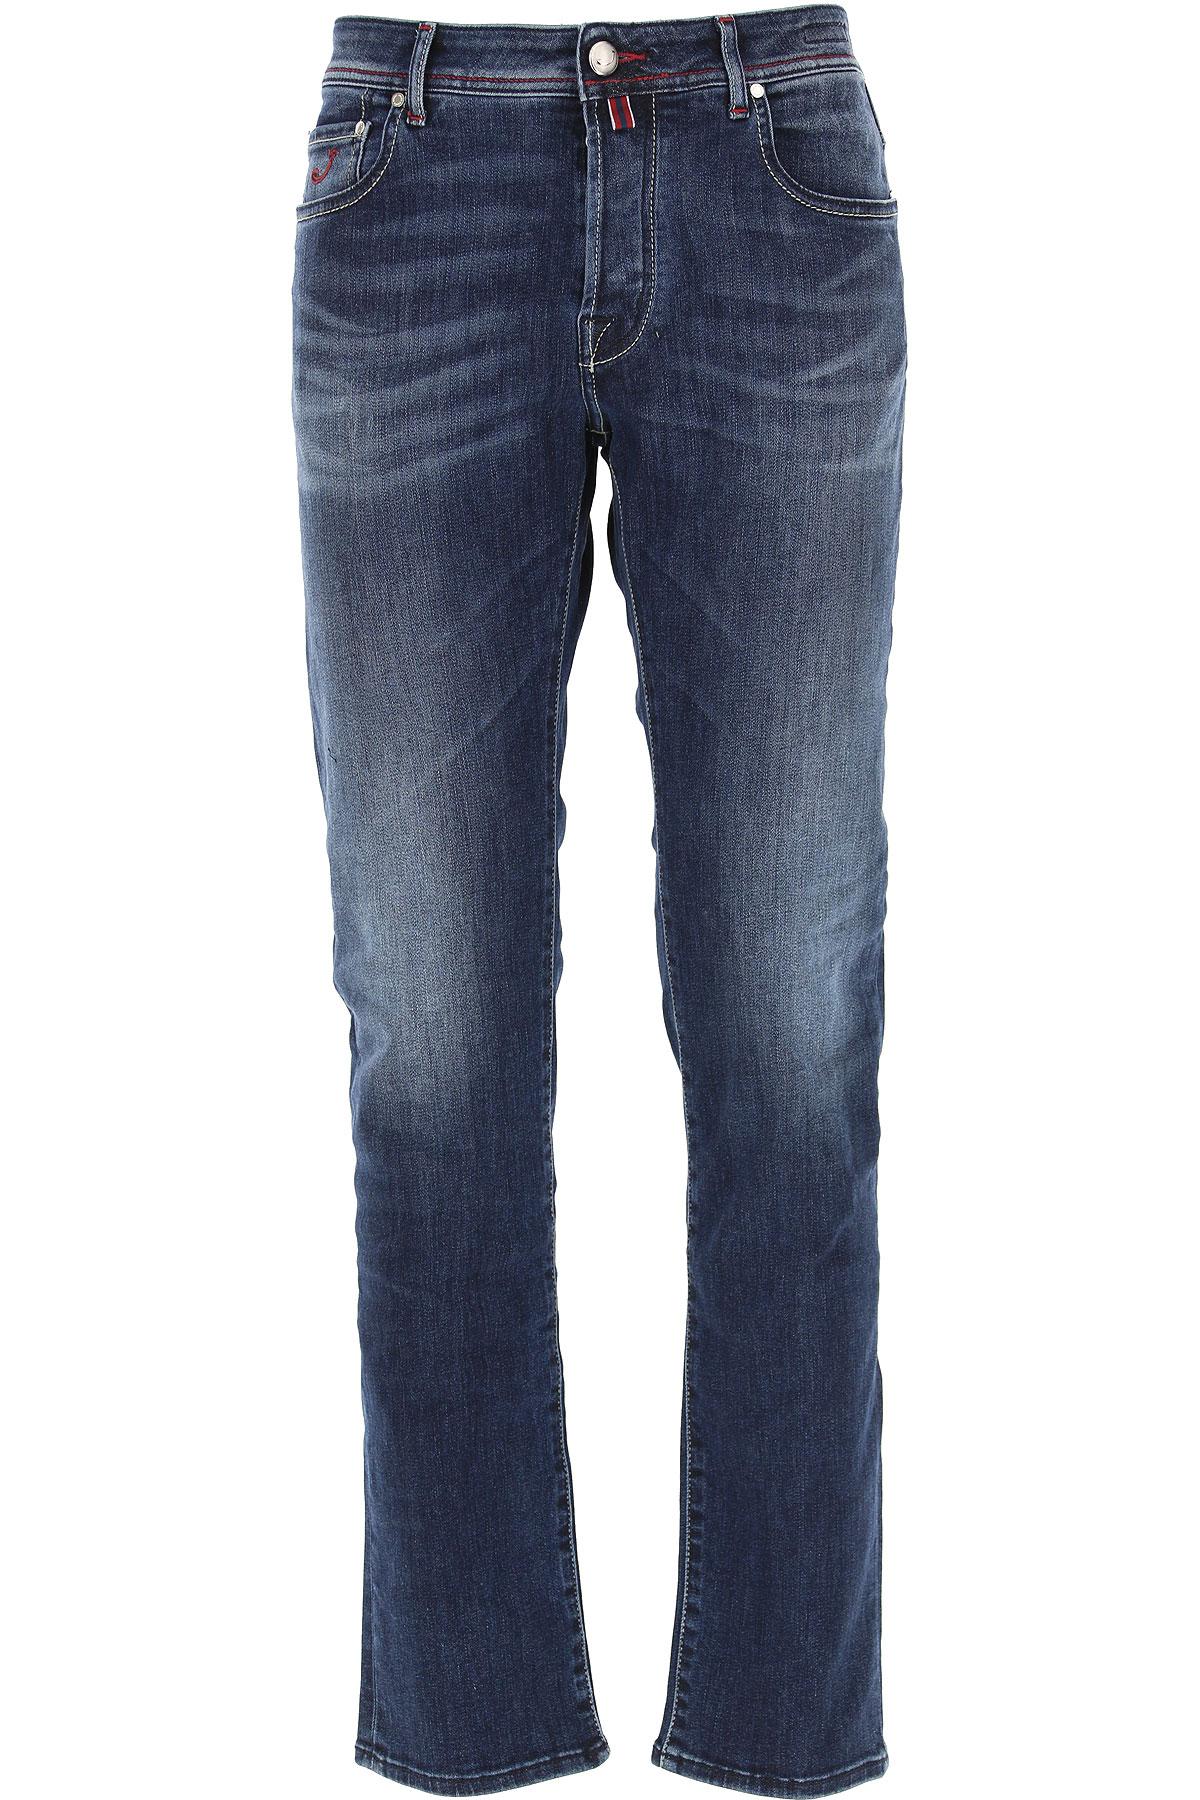 Jacob Cohen Jeans On Sale, Blue Denim, Cotton, 2019, 31 32 33 34 36